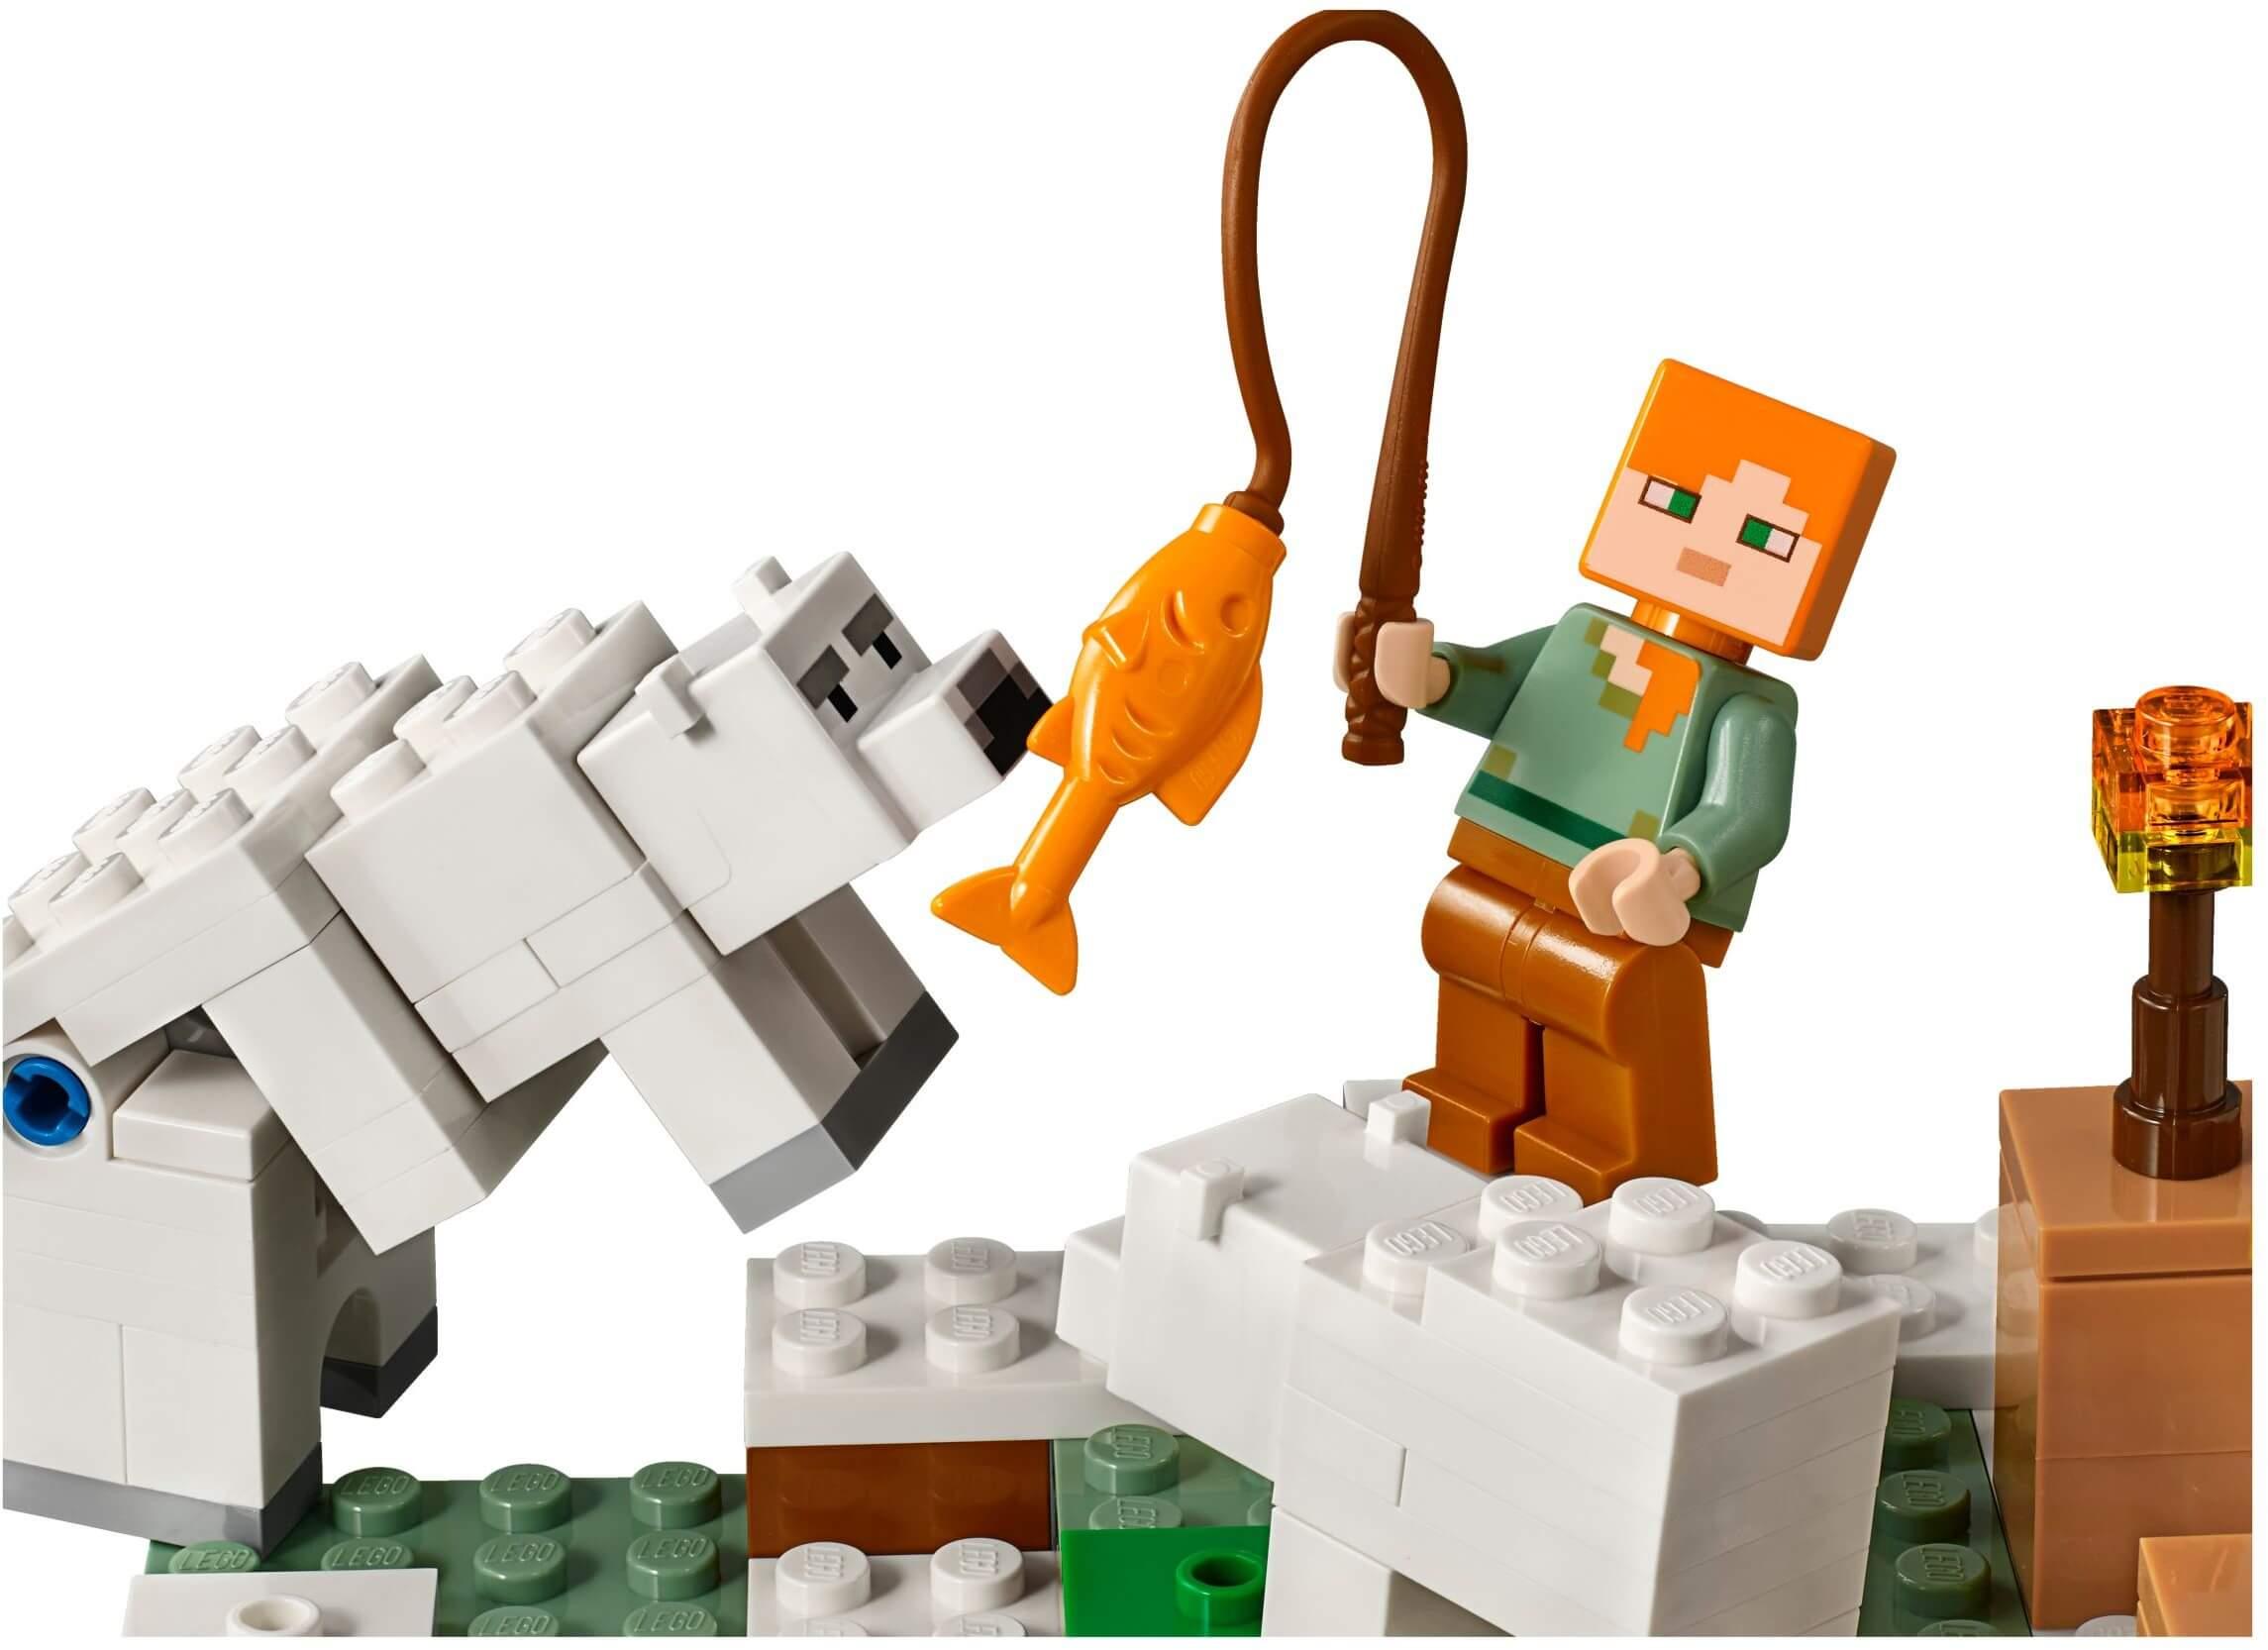 Mua đồ chơi LEGO 21142 - LEGO Minecraft 21142 - Ngôi Nhà Tuyết của Alex (LEGO Minecraft 21142 The Polar Igloo)